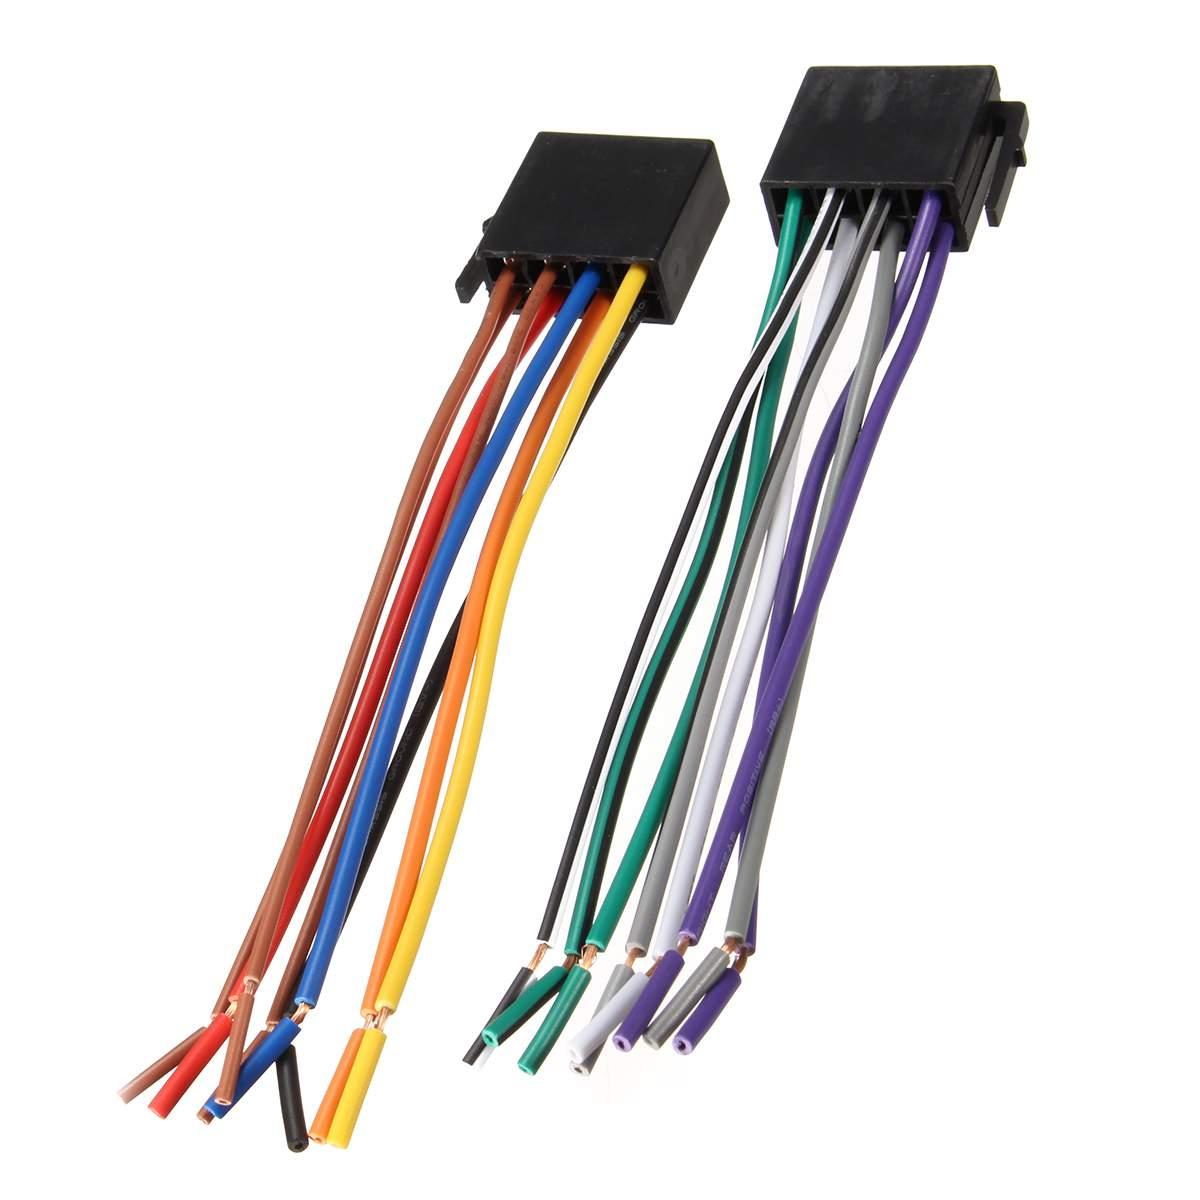 Универсальный разъем для подключения проводов, разъем для подключения кабеля, разъем для радиопроводки для автомобильной стереосистемы